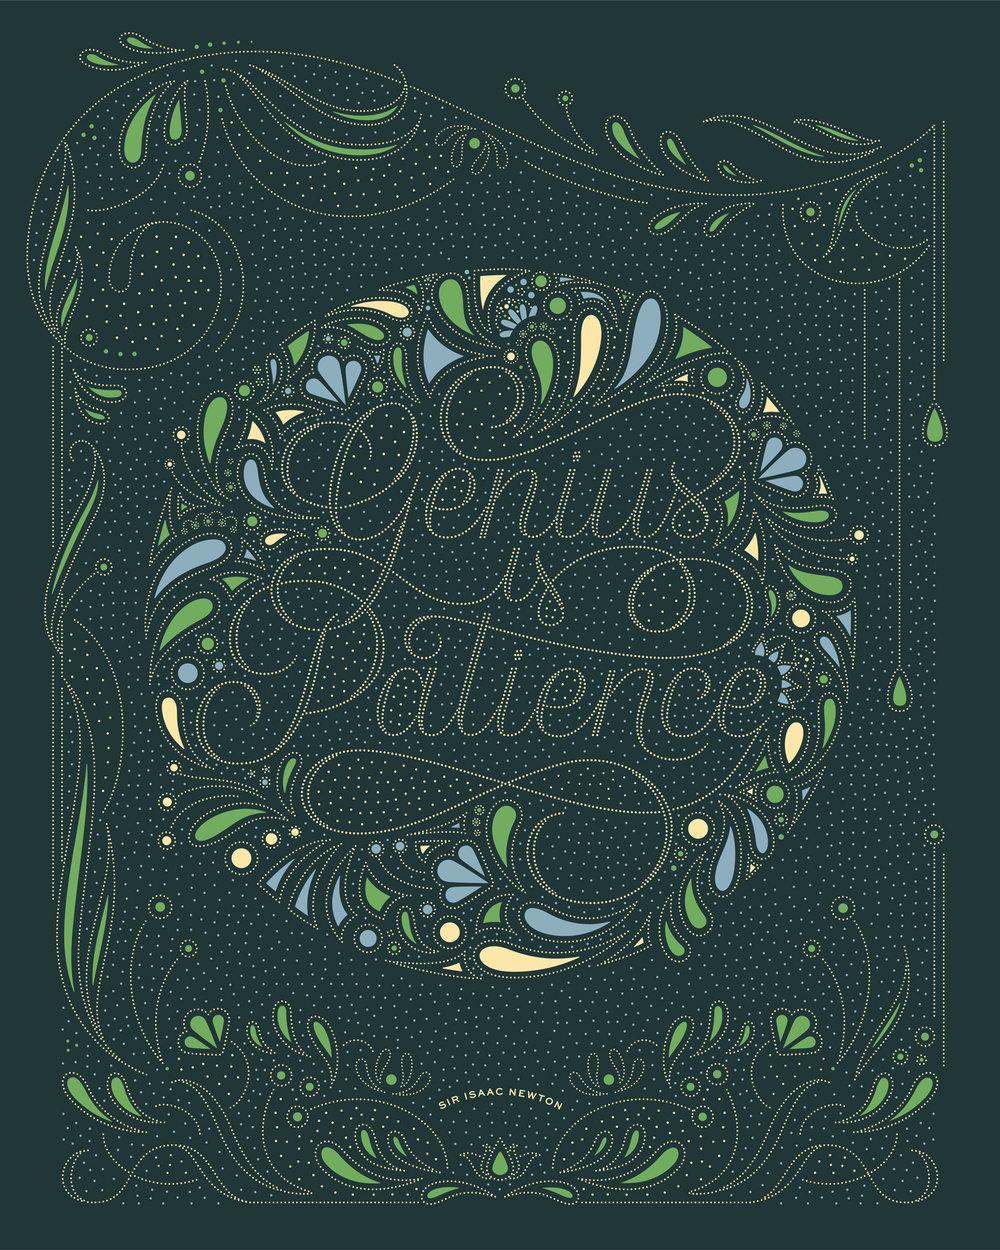 Genius_is_patience_082918_02.jpg